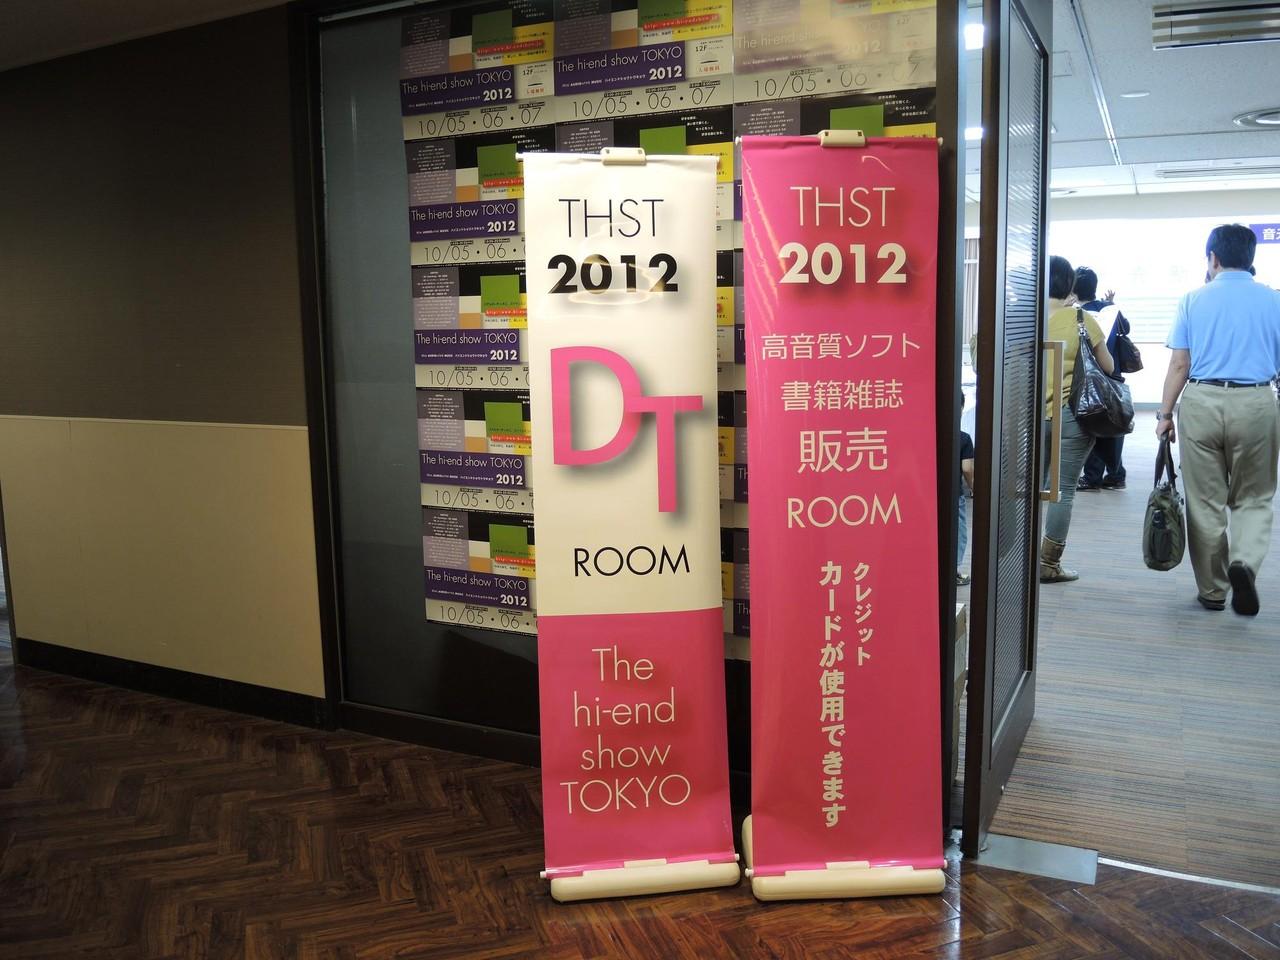 2012 Hi-End Audio showの入口